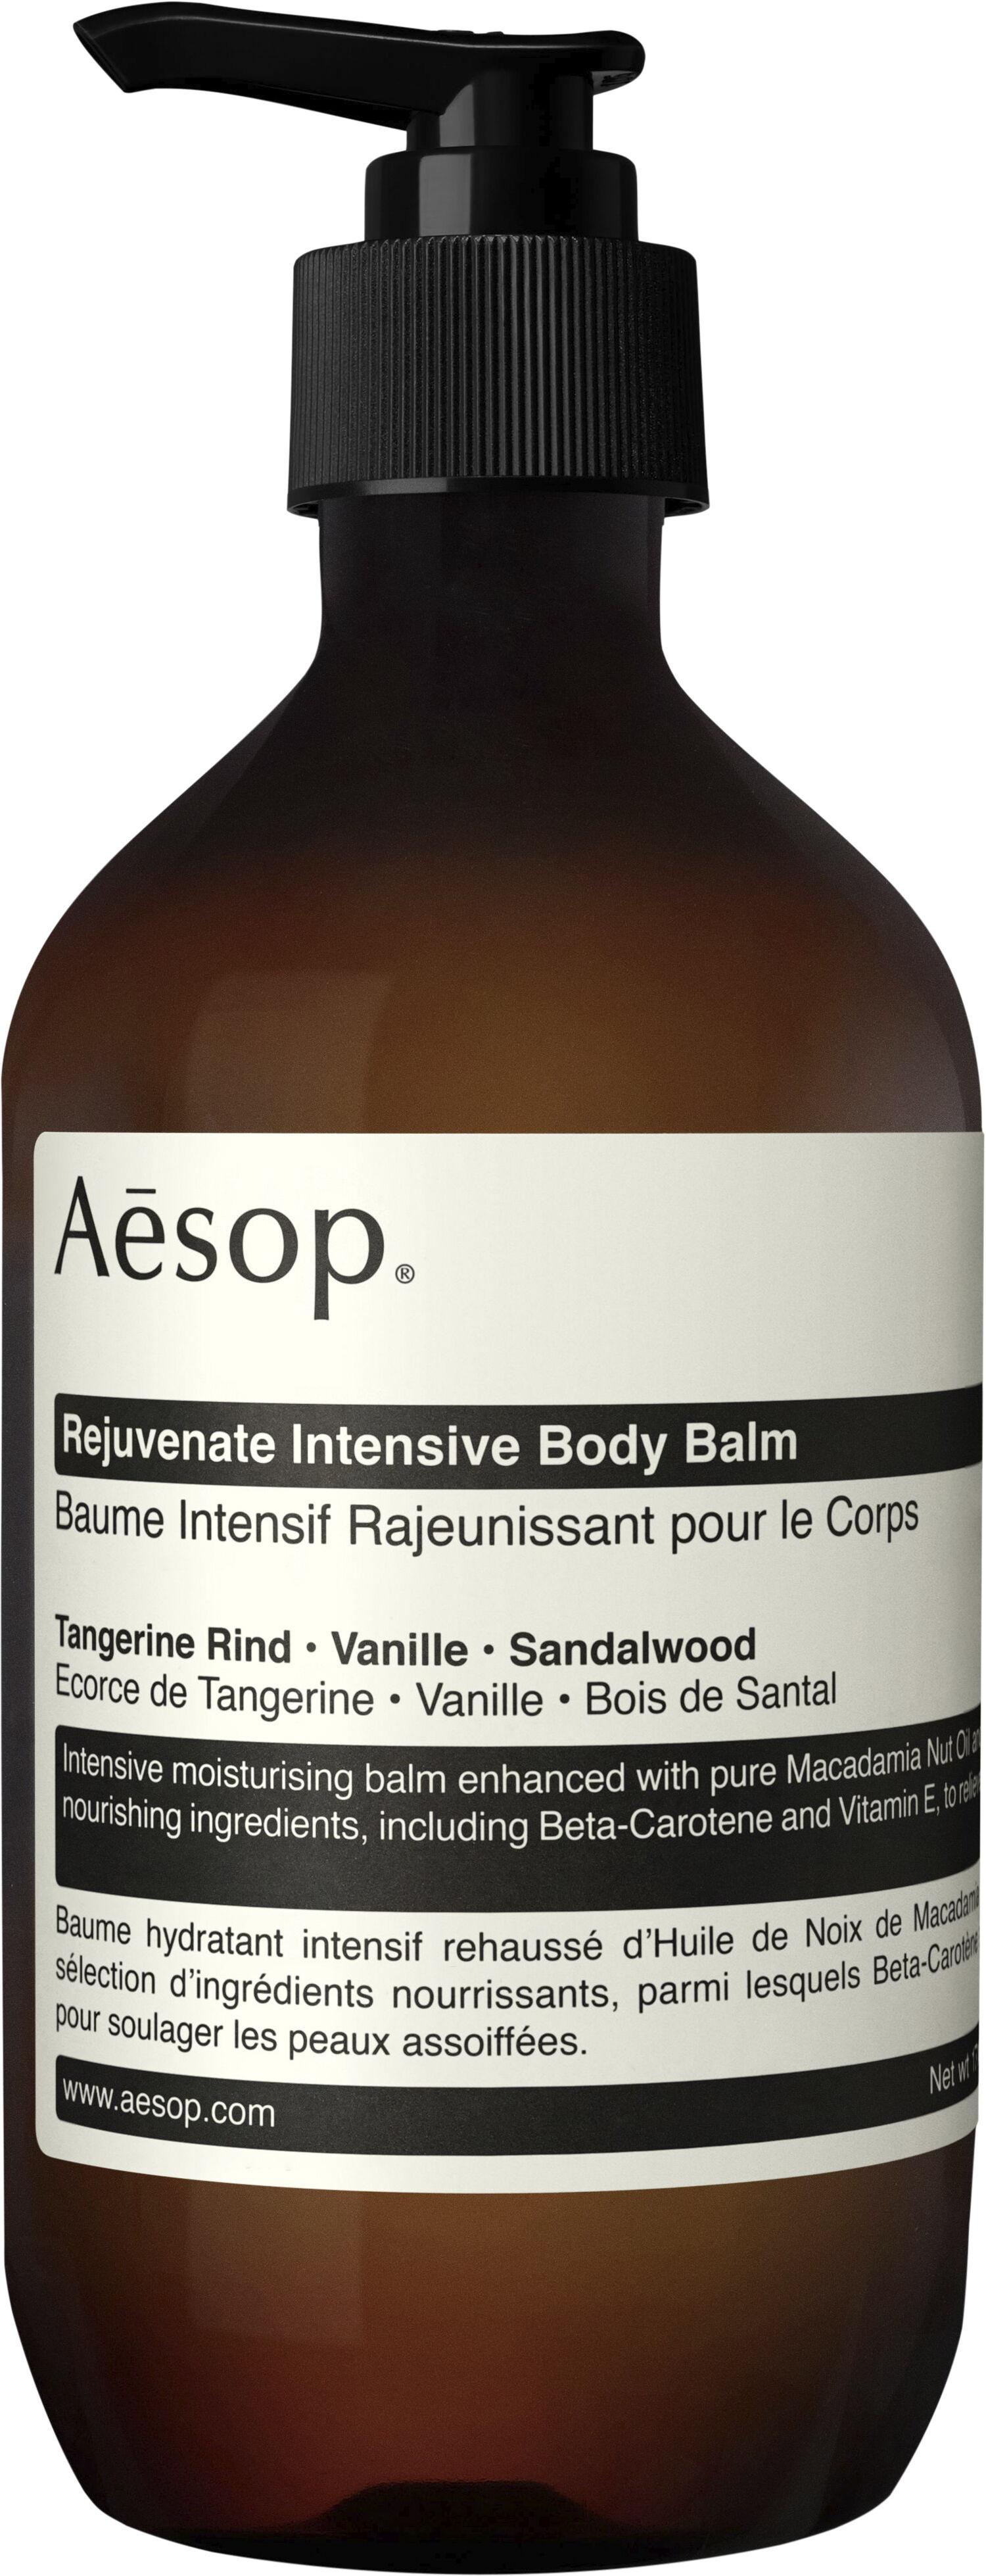 Aesop | Se det stora urvalet av Aesop på Magasin.se